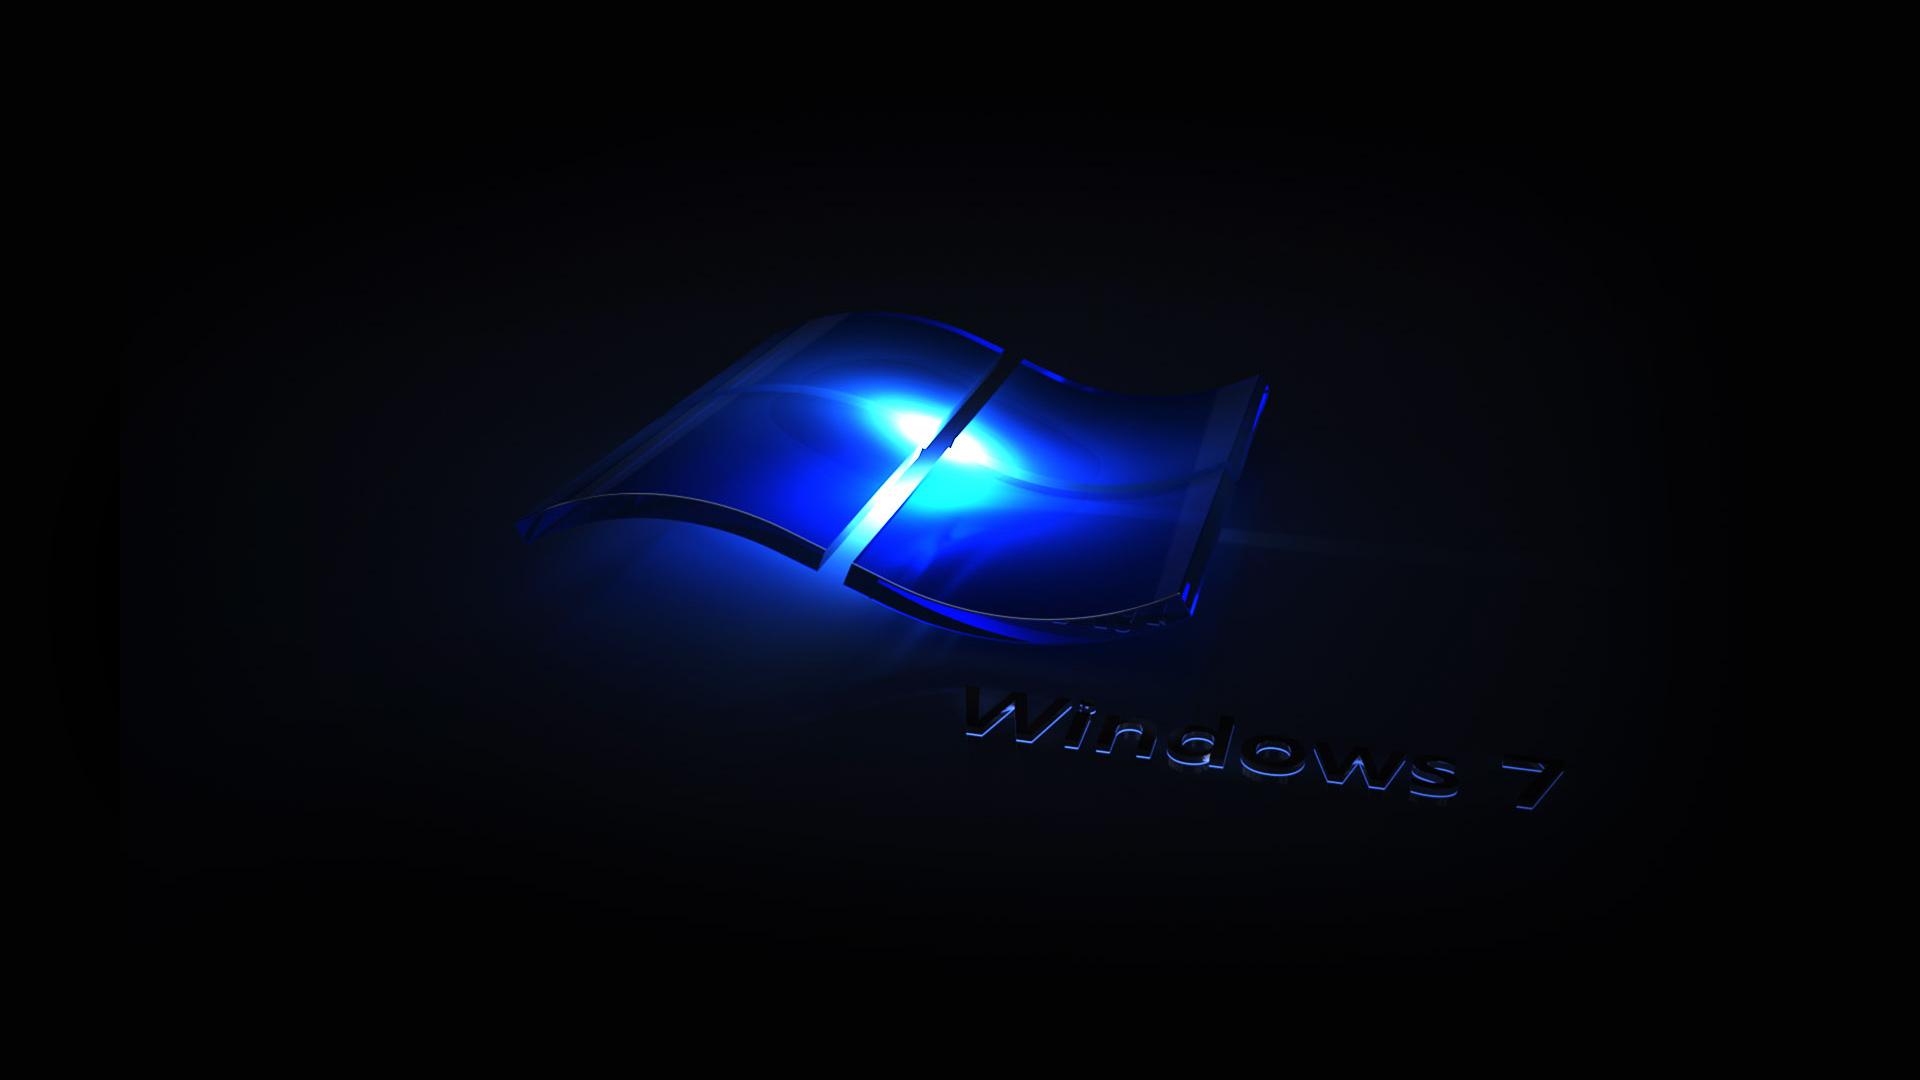 Blue Light Windows 7 Wallpaper High Quality WallpapersWallpaper 1920x1080